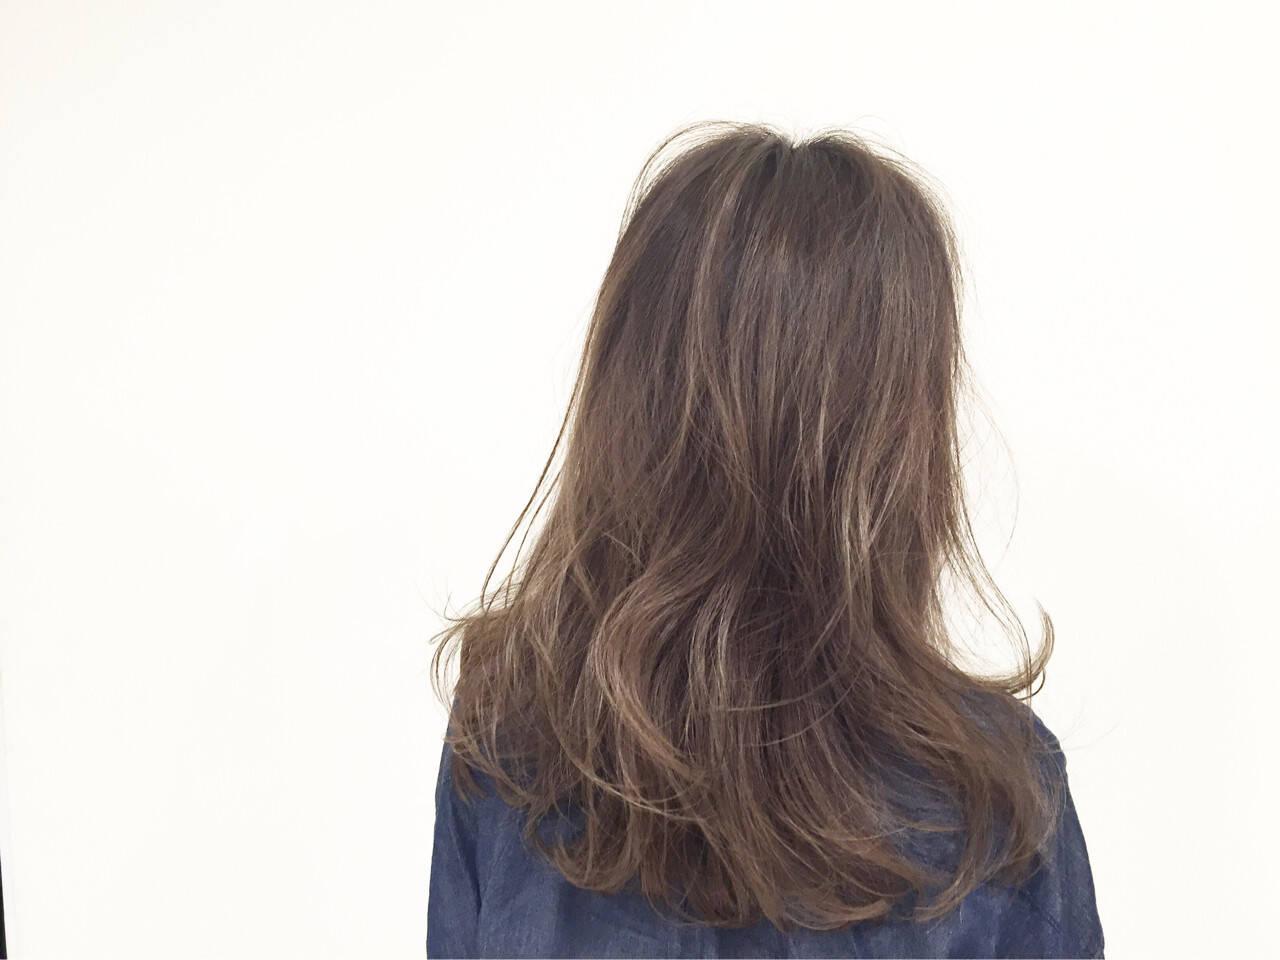 マルサラ ストレート ストリート グラデーションカラーヘアスタイルや髪型の写真・画像